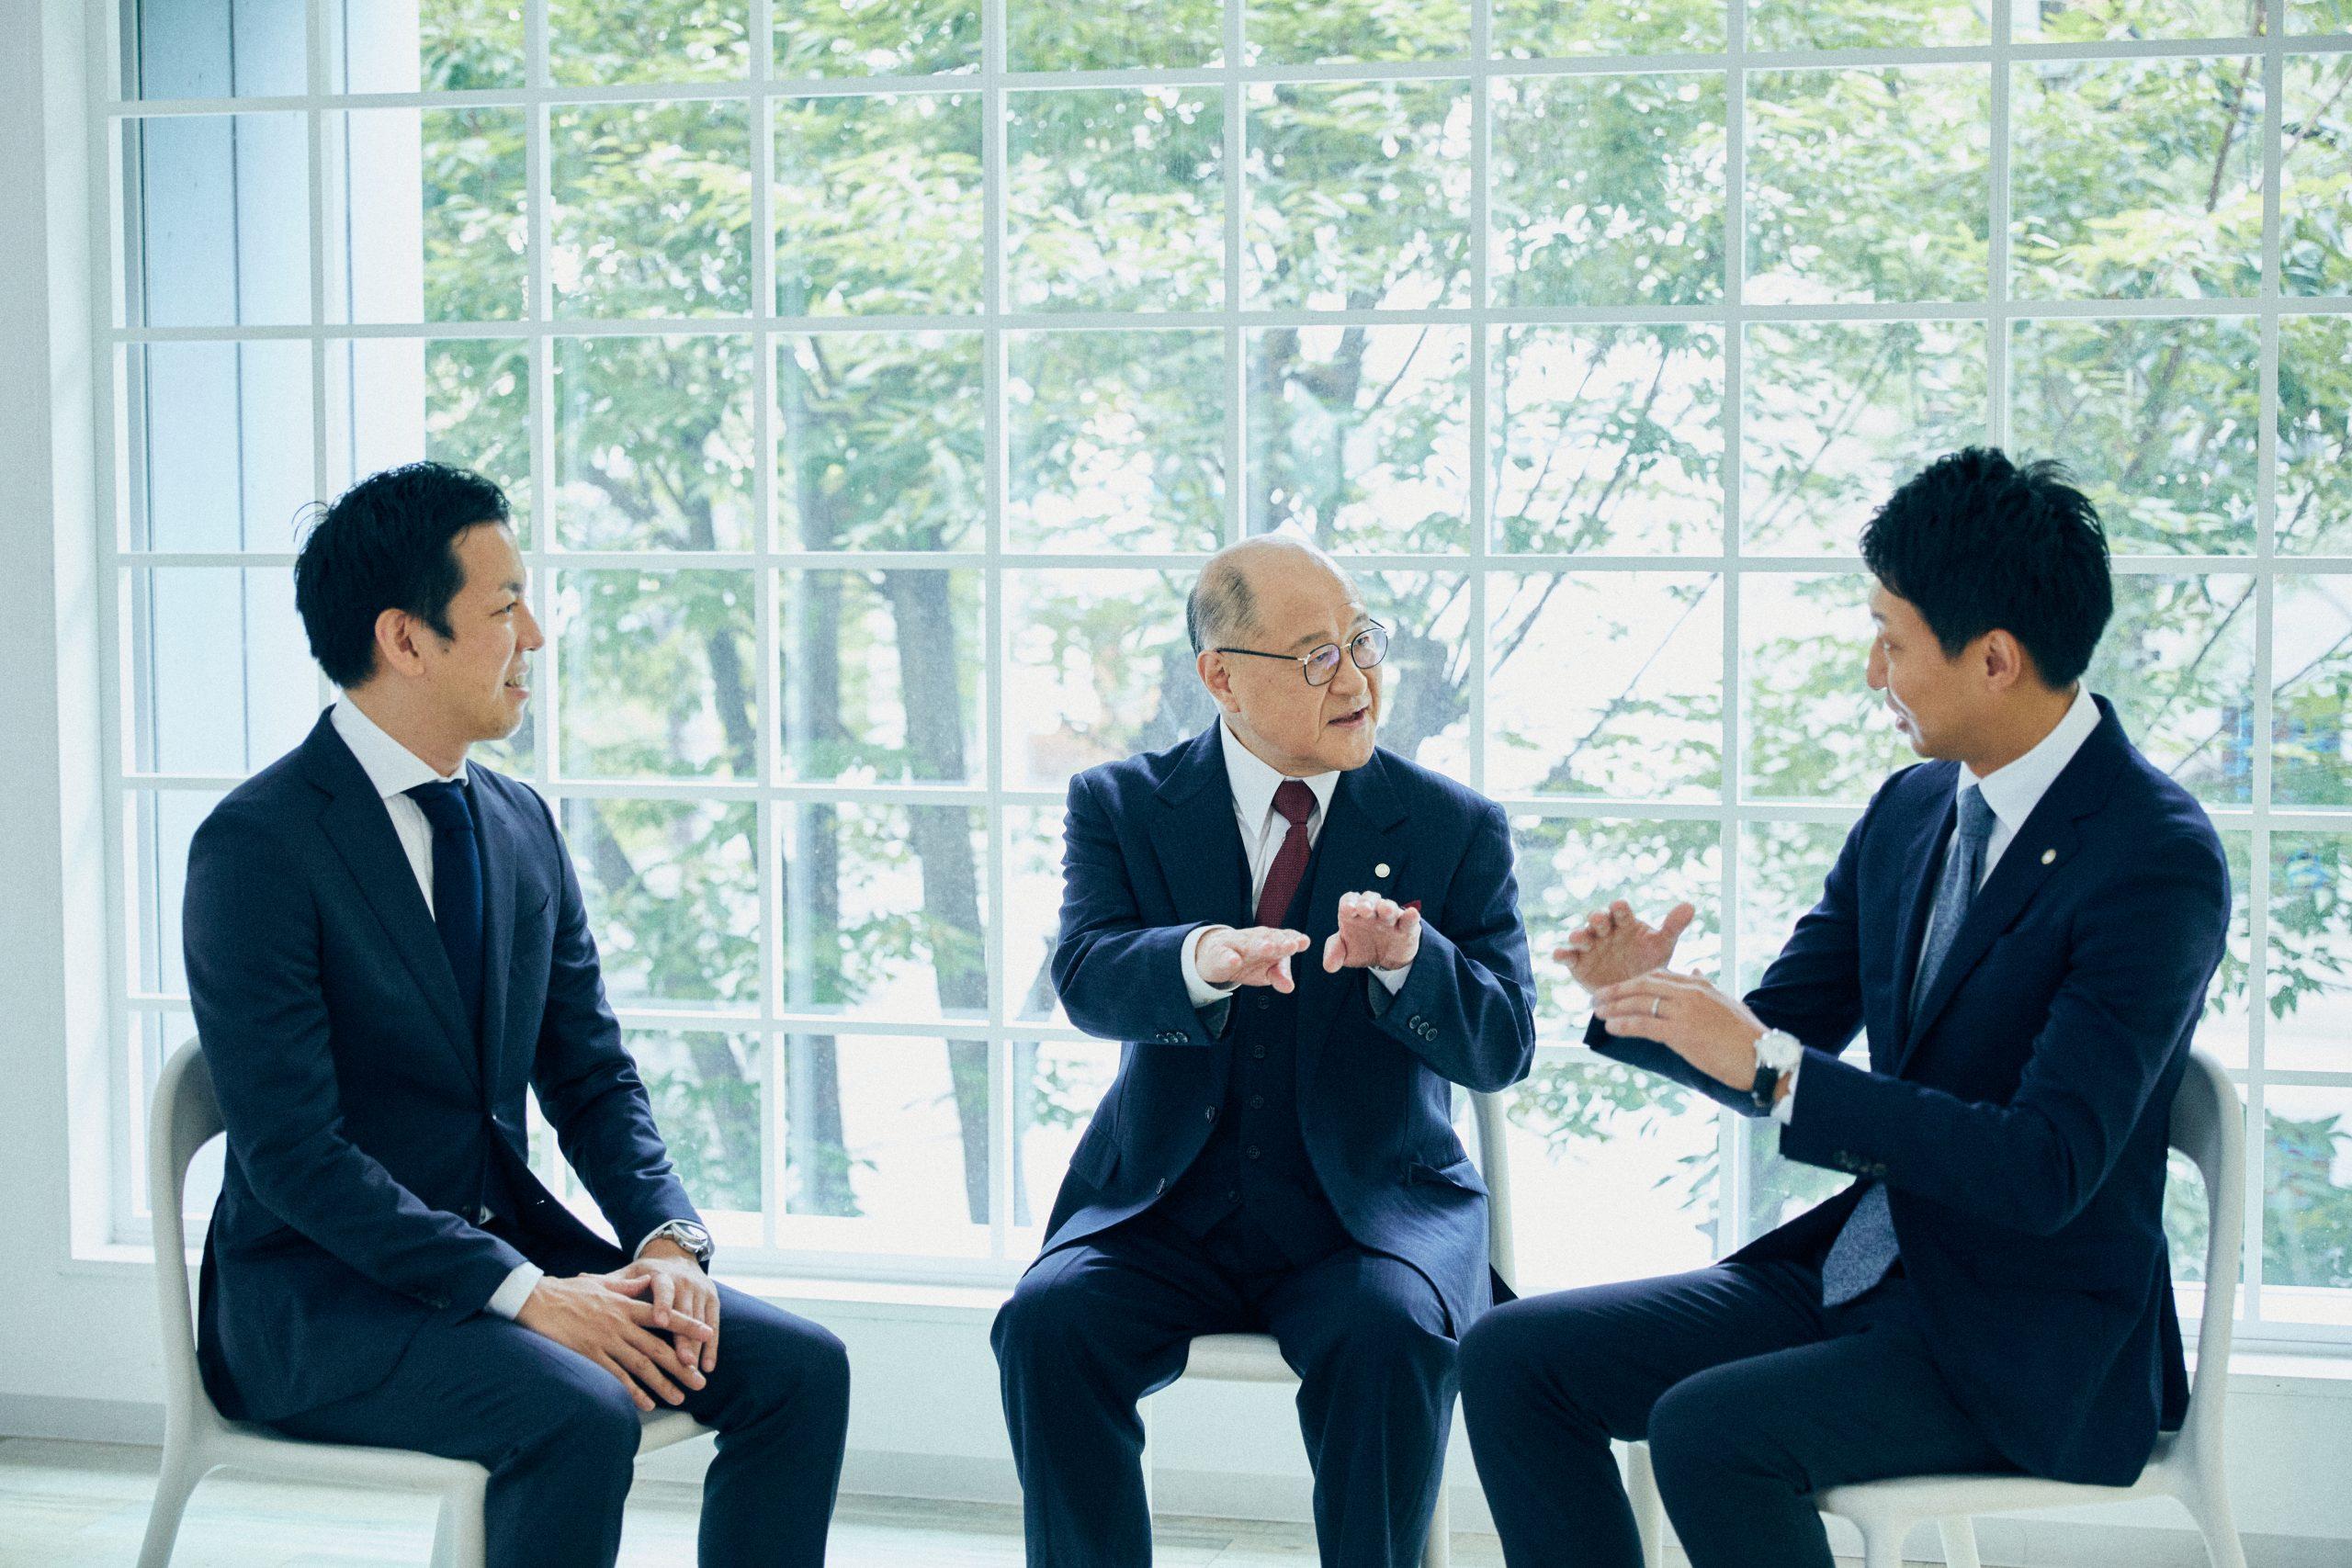 【お知らせ】チェスター広報宣伝部長に角野卓造さんが就任